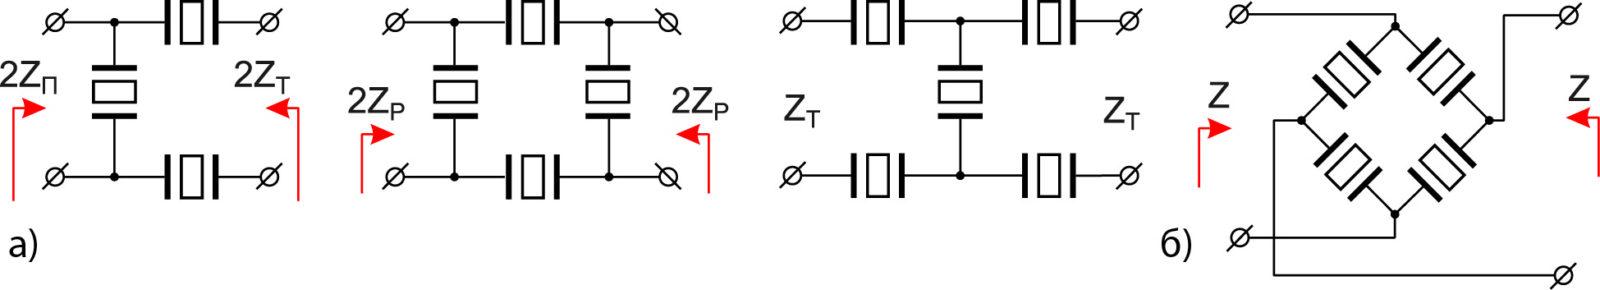 Схемы симметричных балансных звеньев фильтров на ПАВ c электрической связью резонаторов